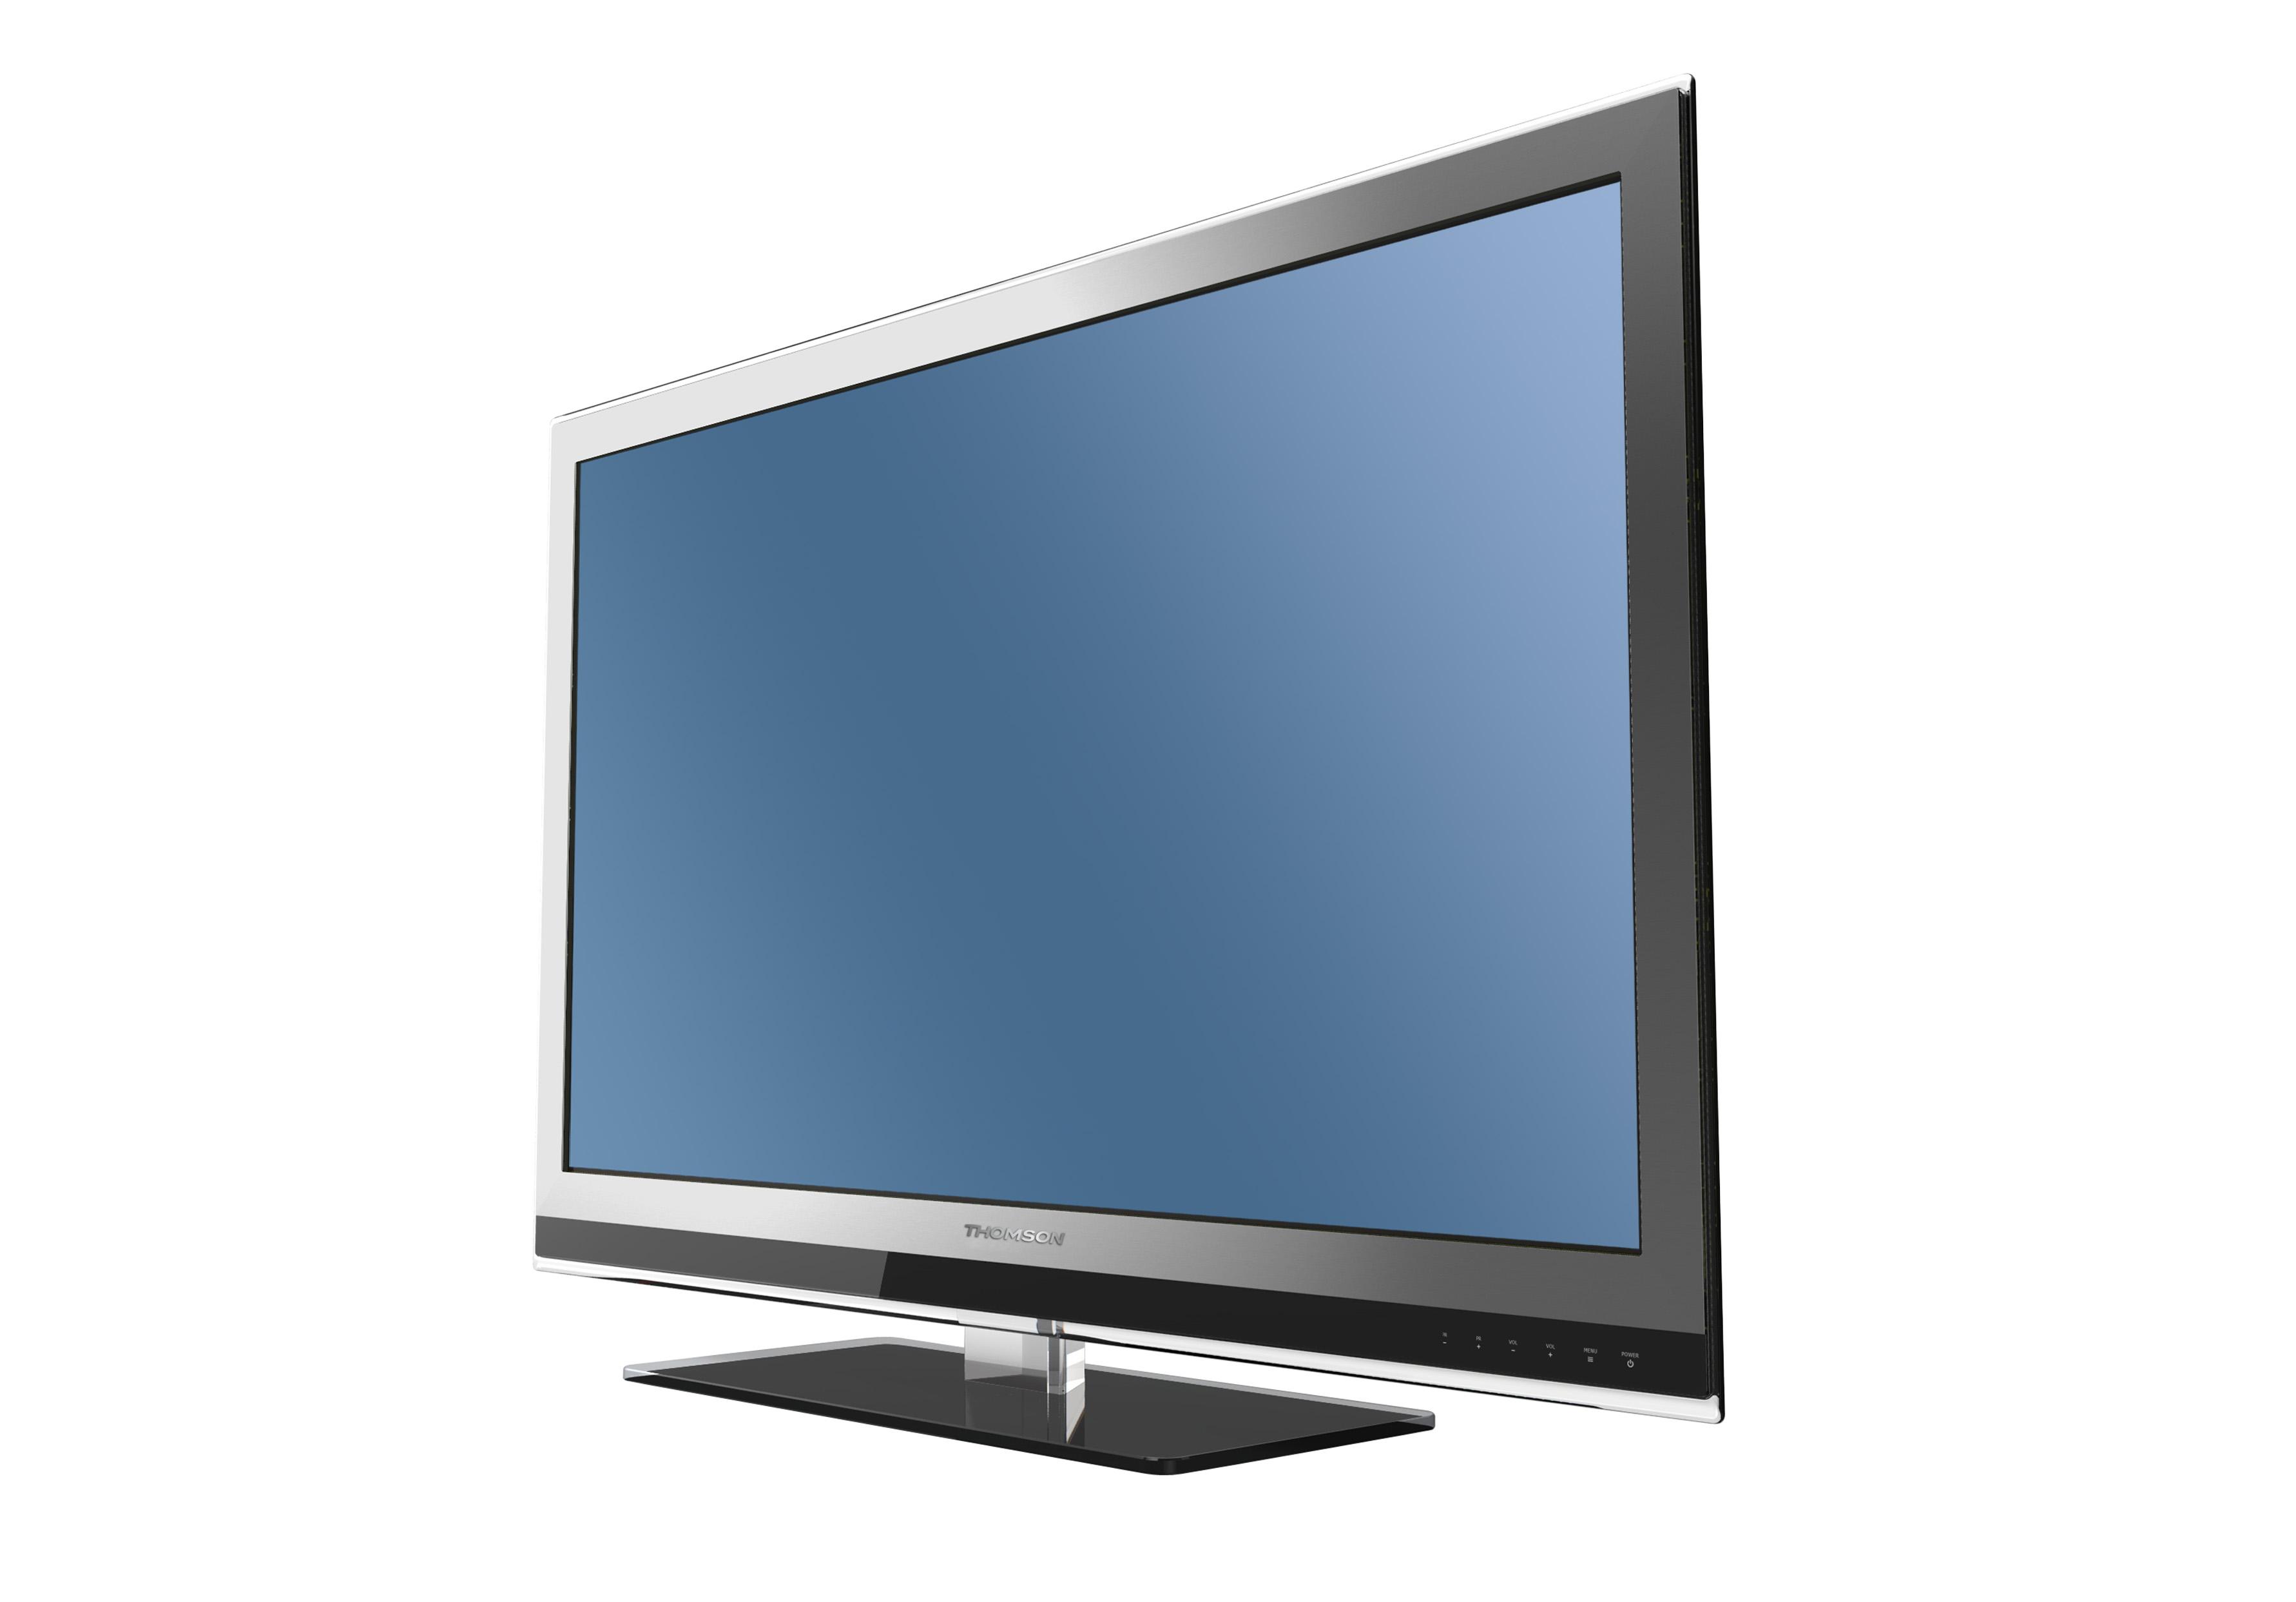 tv de 80 93 cm 32ft7563 thomson. Black Bedroom Furniture Sets. Home Design Ideas